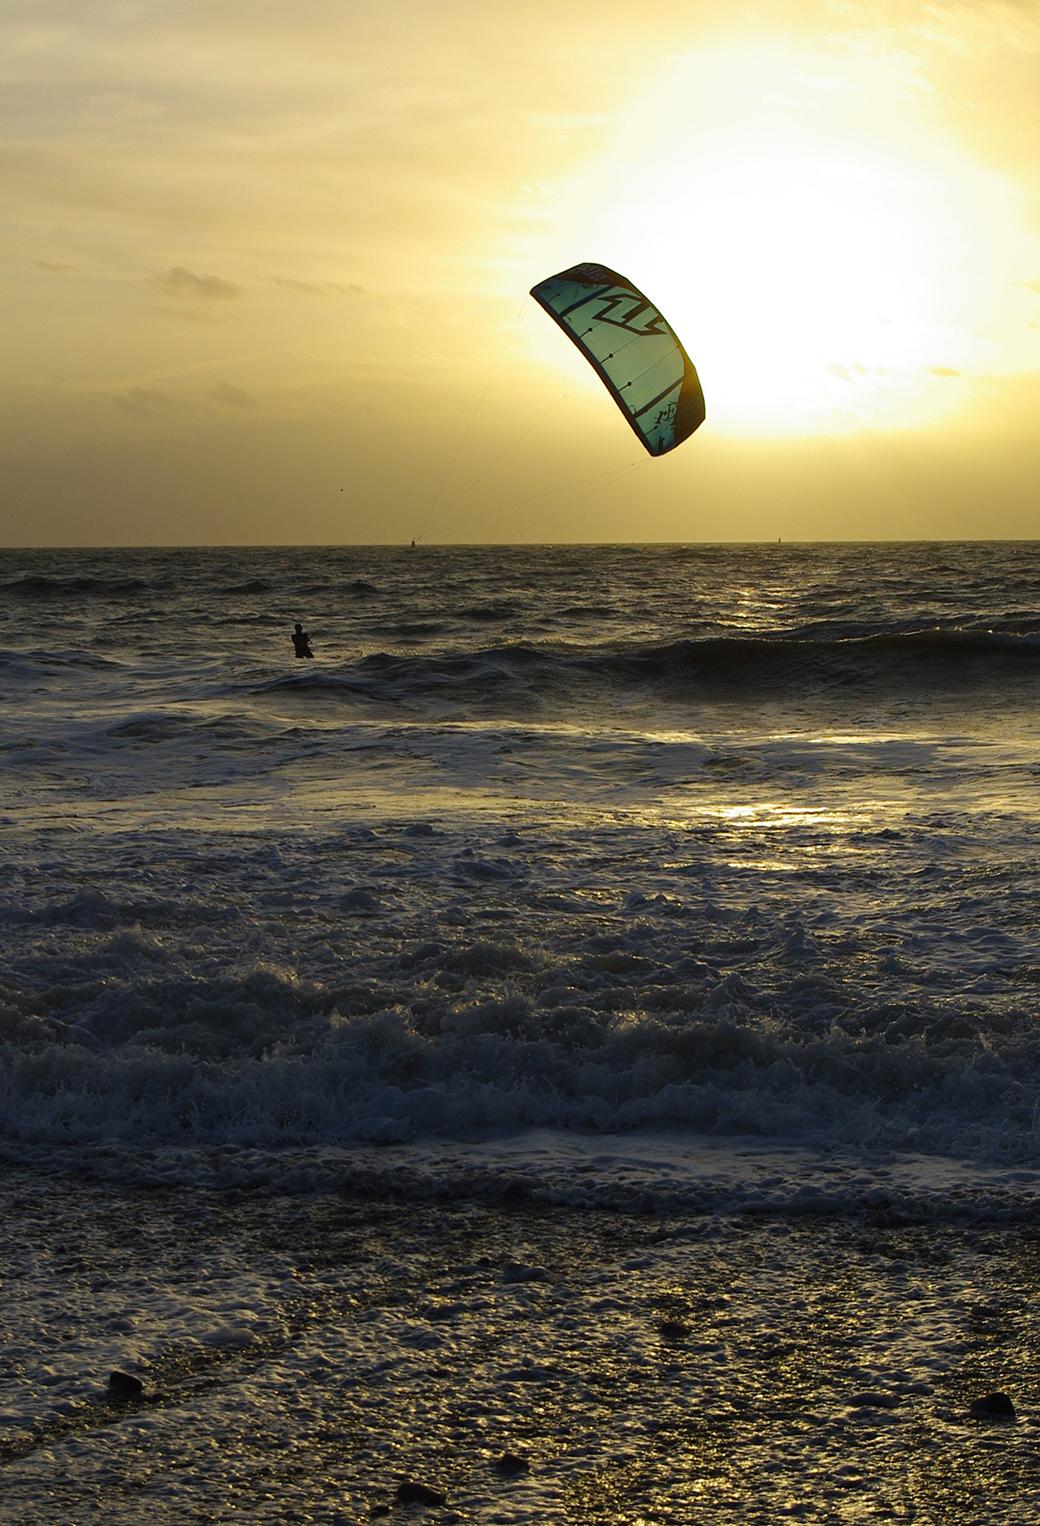 Kite Surf surfare trascinati da un aquilone un sport nato